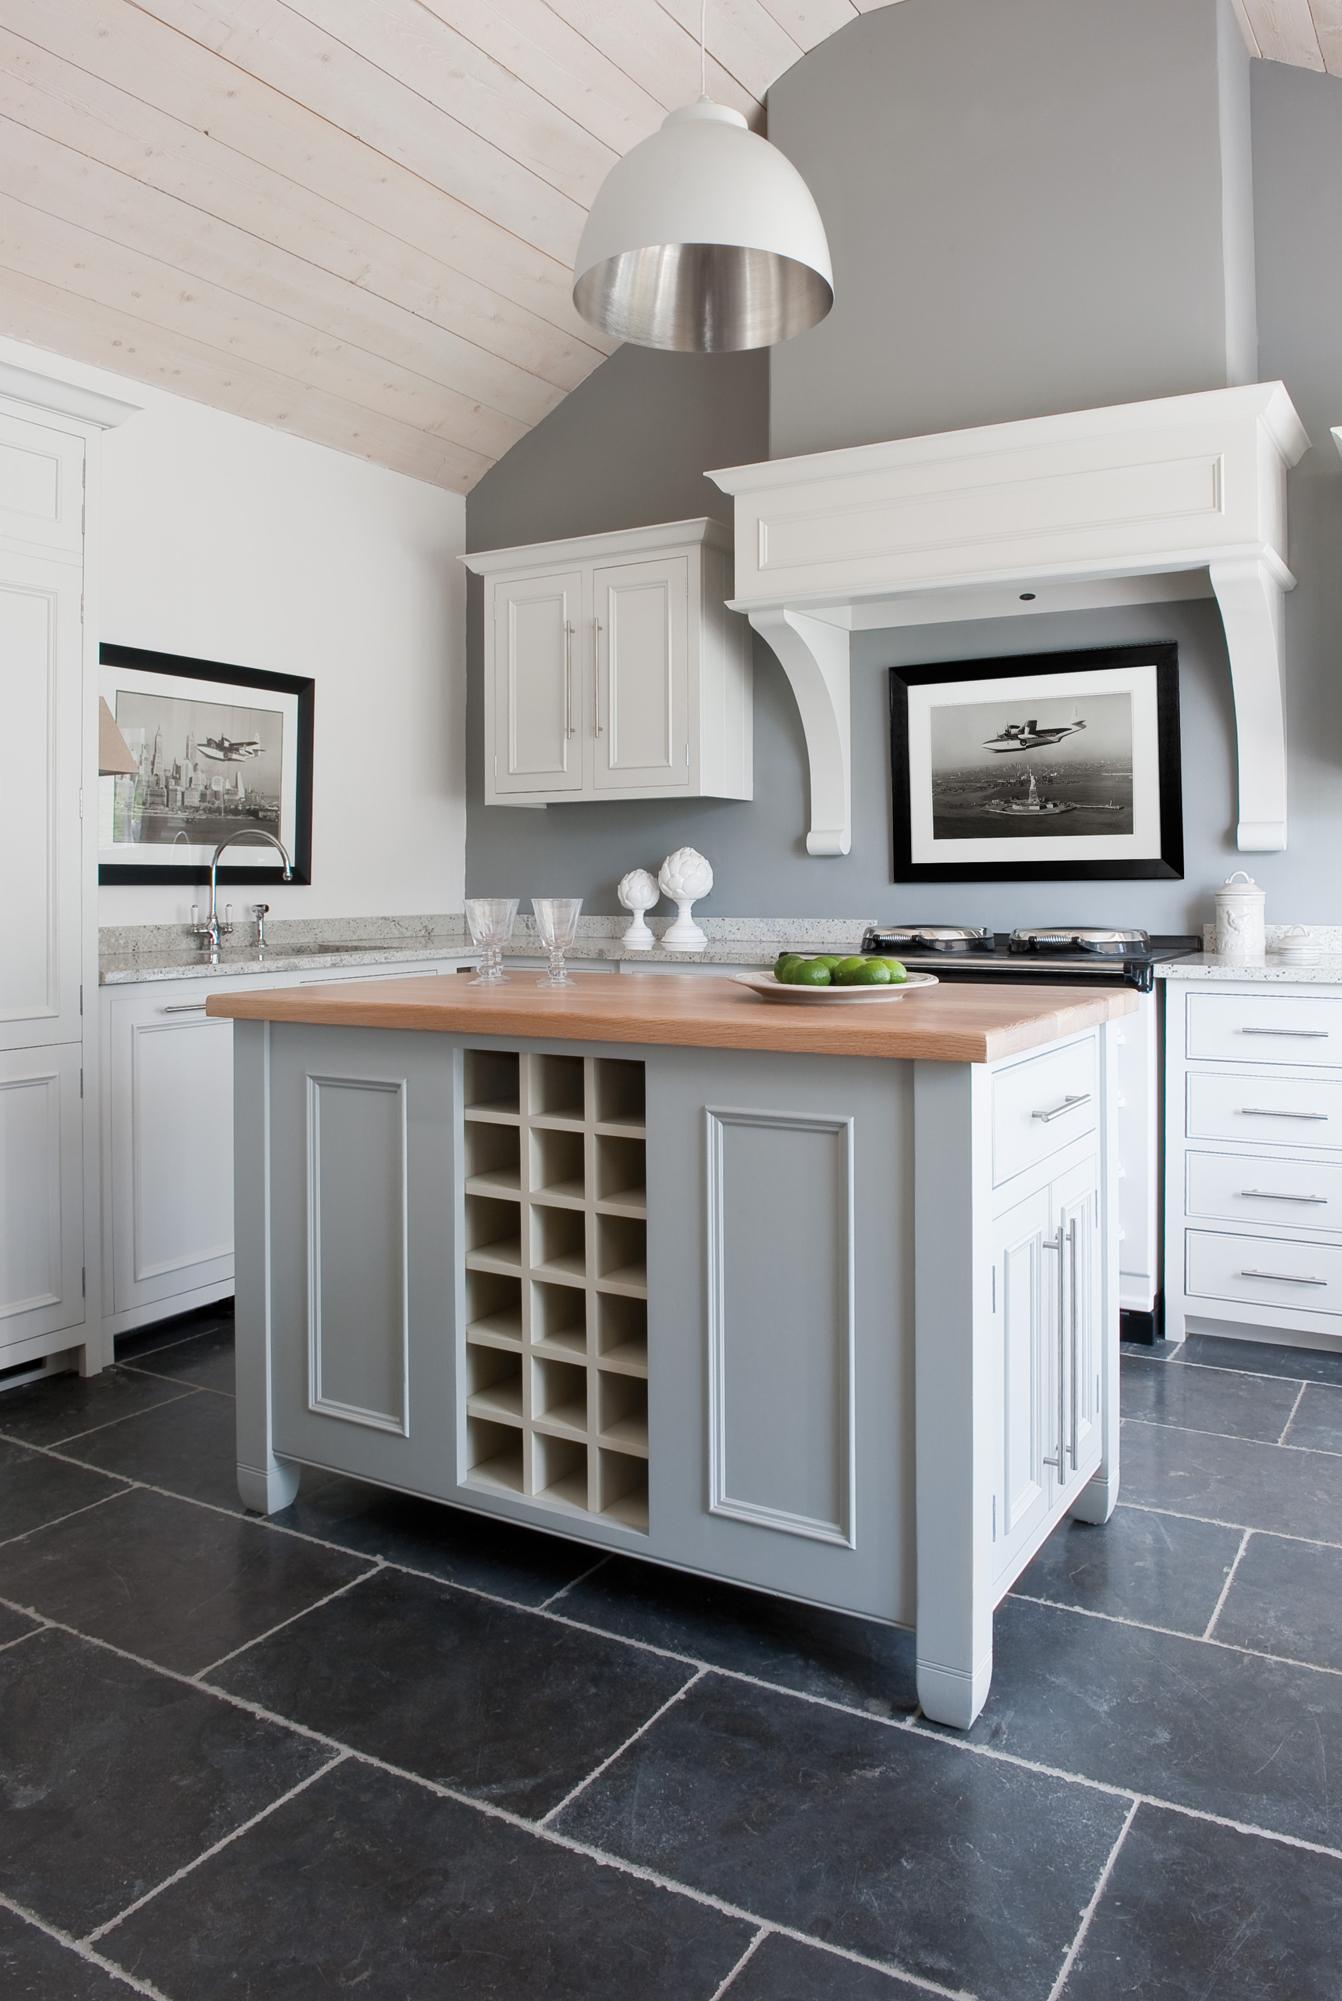 Küchenblock im Landhausstil #landhausstil #küchenblo... • COUCHstyle | {Küchenzeilen landhausstil 4}